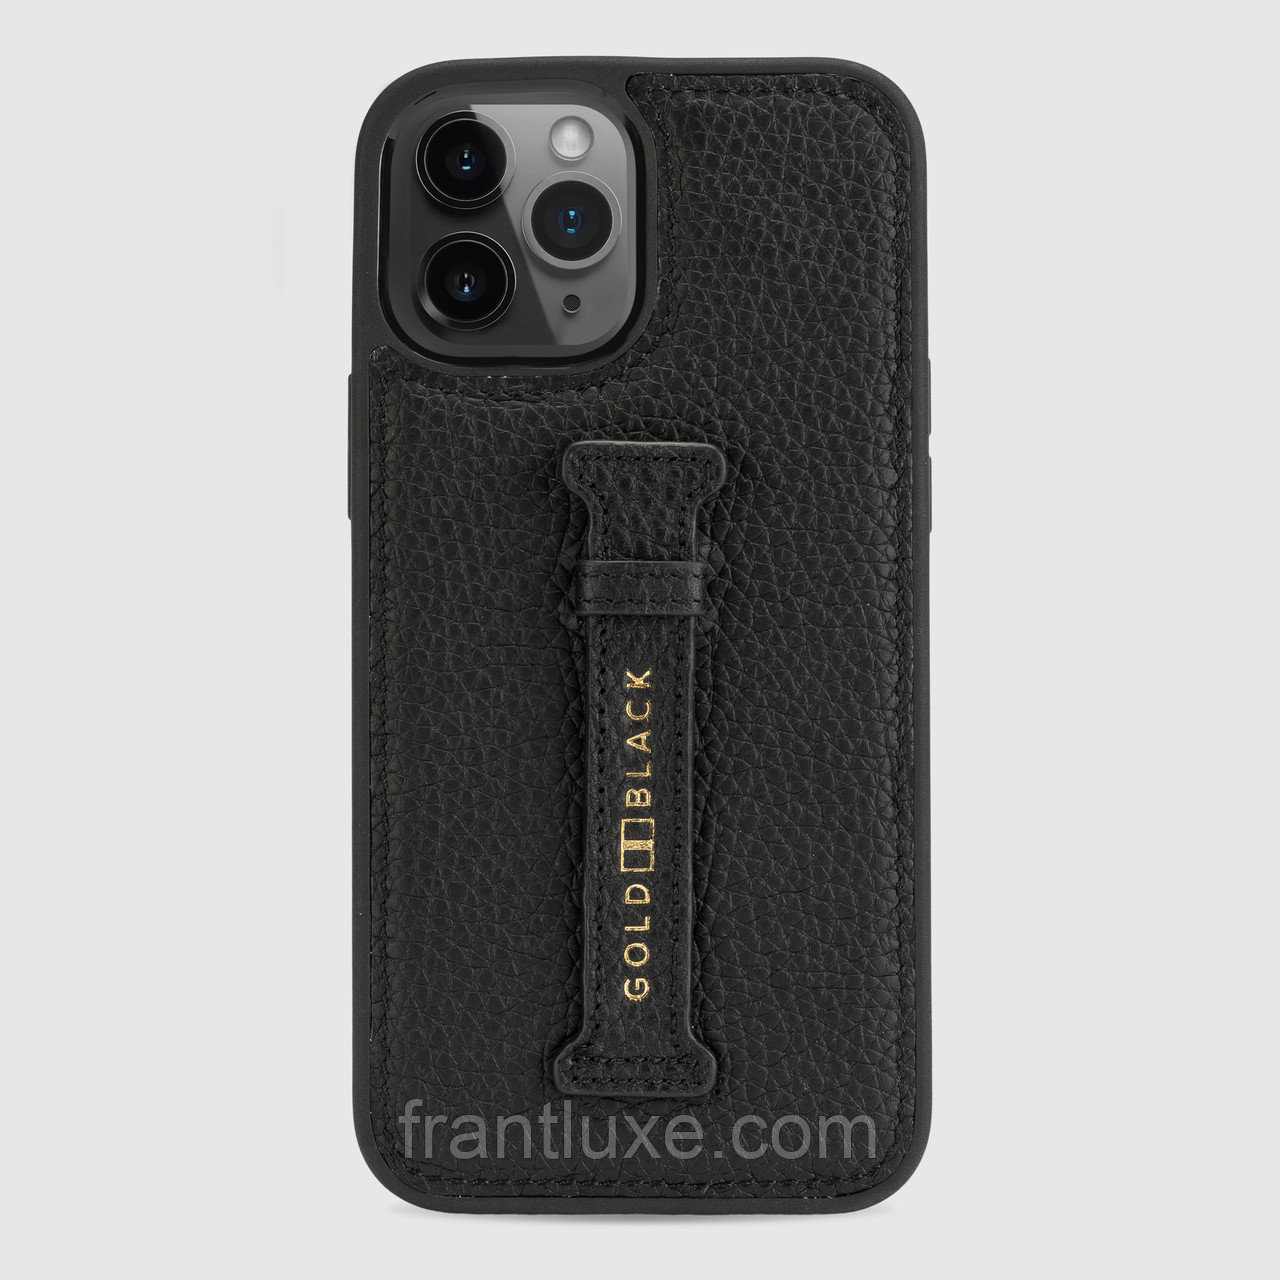 Чехол для телефона iPhone 12 Pro Max с ремешком-держателем Nappa Black - фото 2